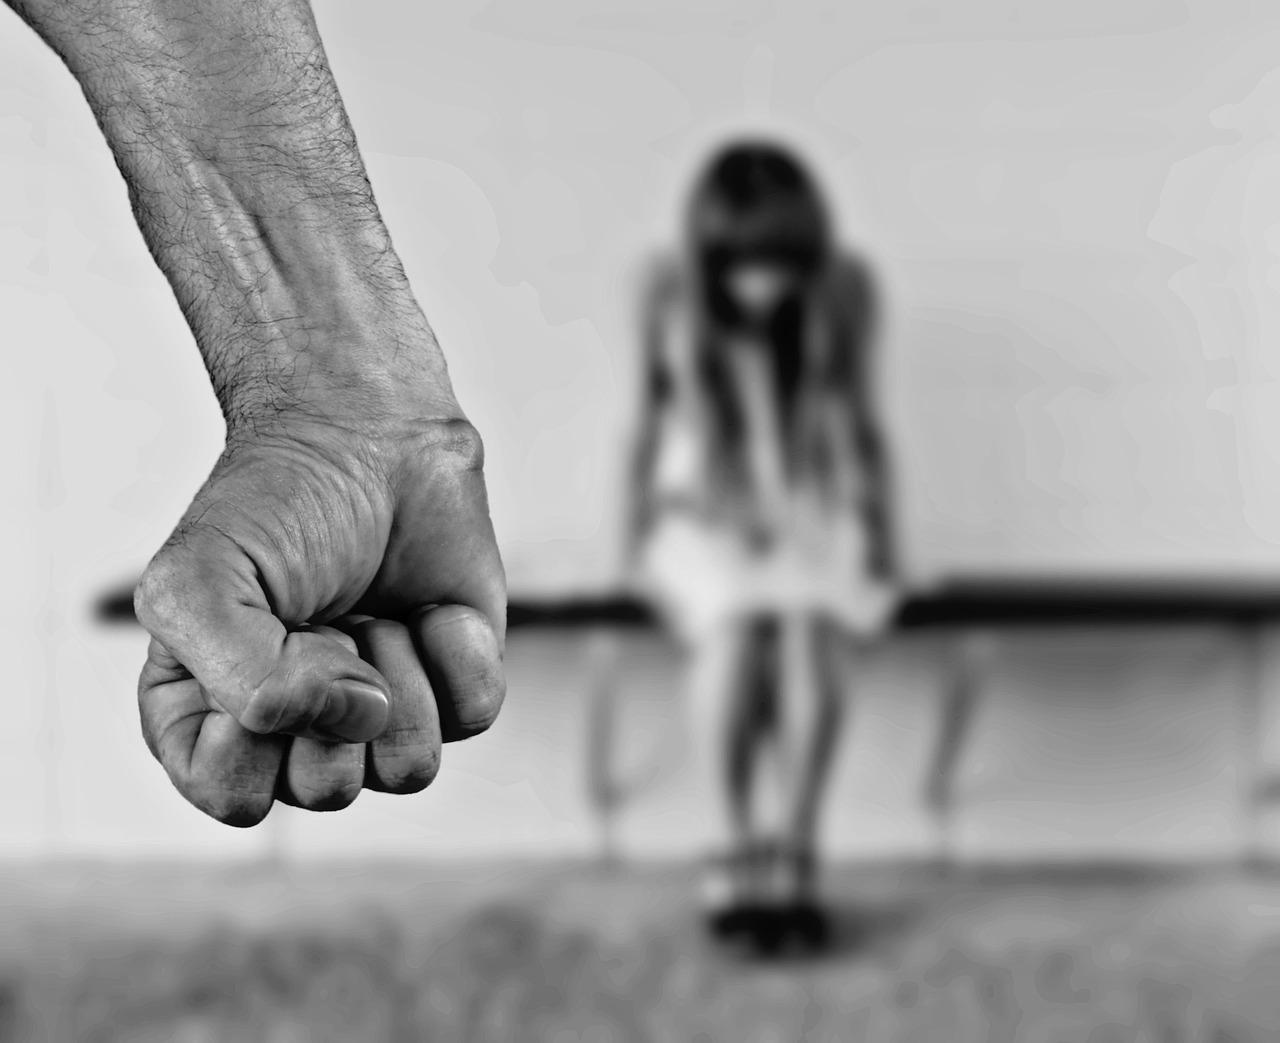 В российском детдоме изнасиловали девять детей